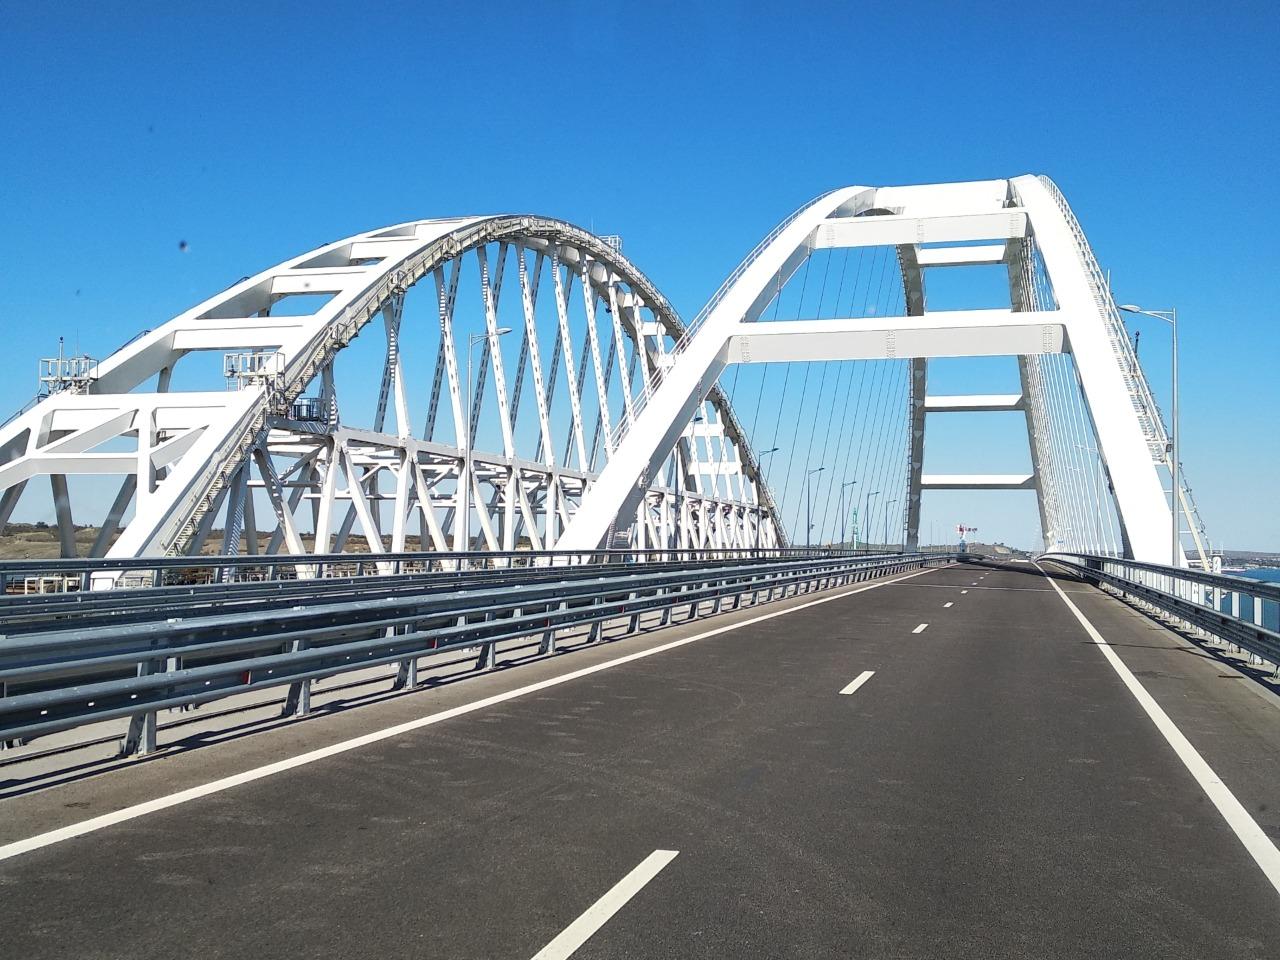 Крымский мост и город Керчь - индивидуальная экскурсия в Анапе от опытного гида